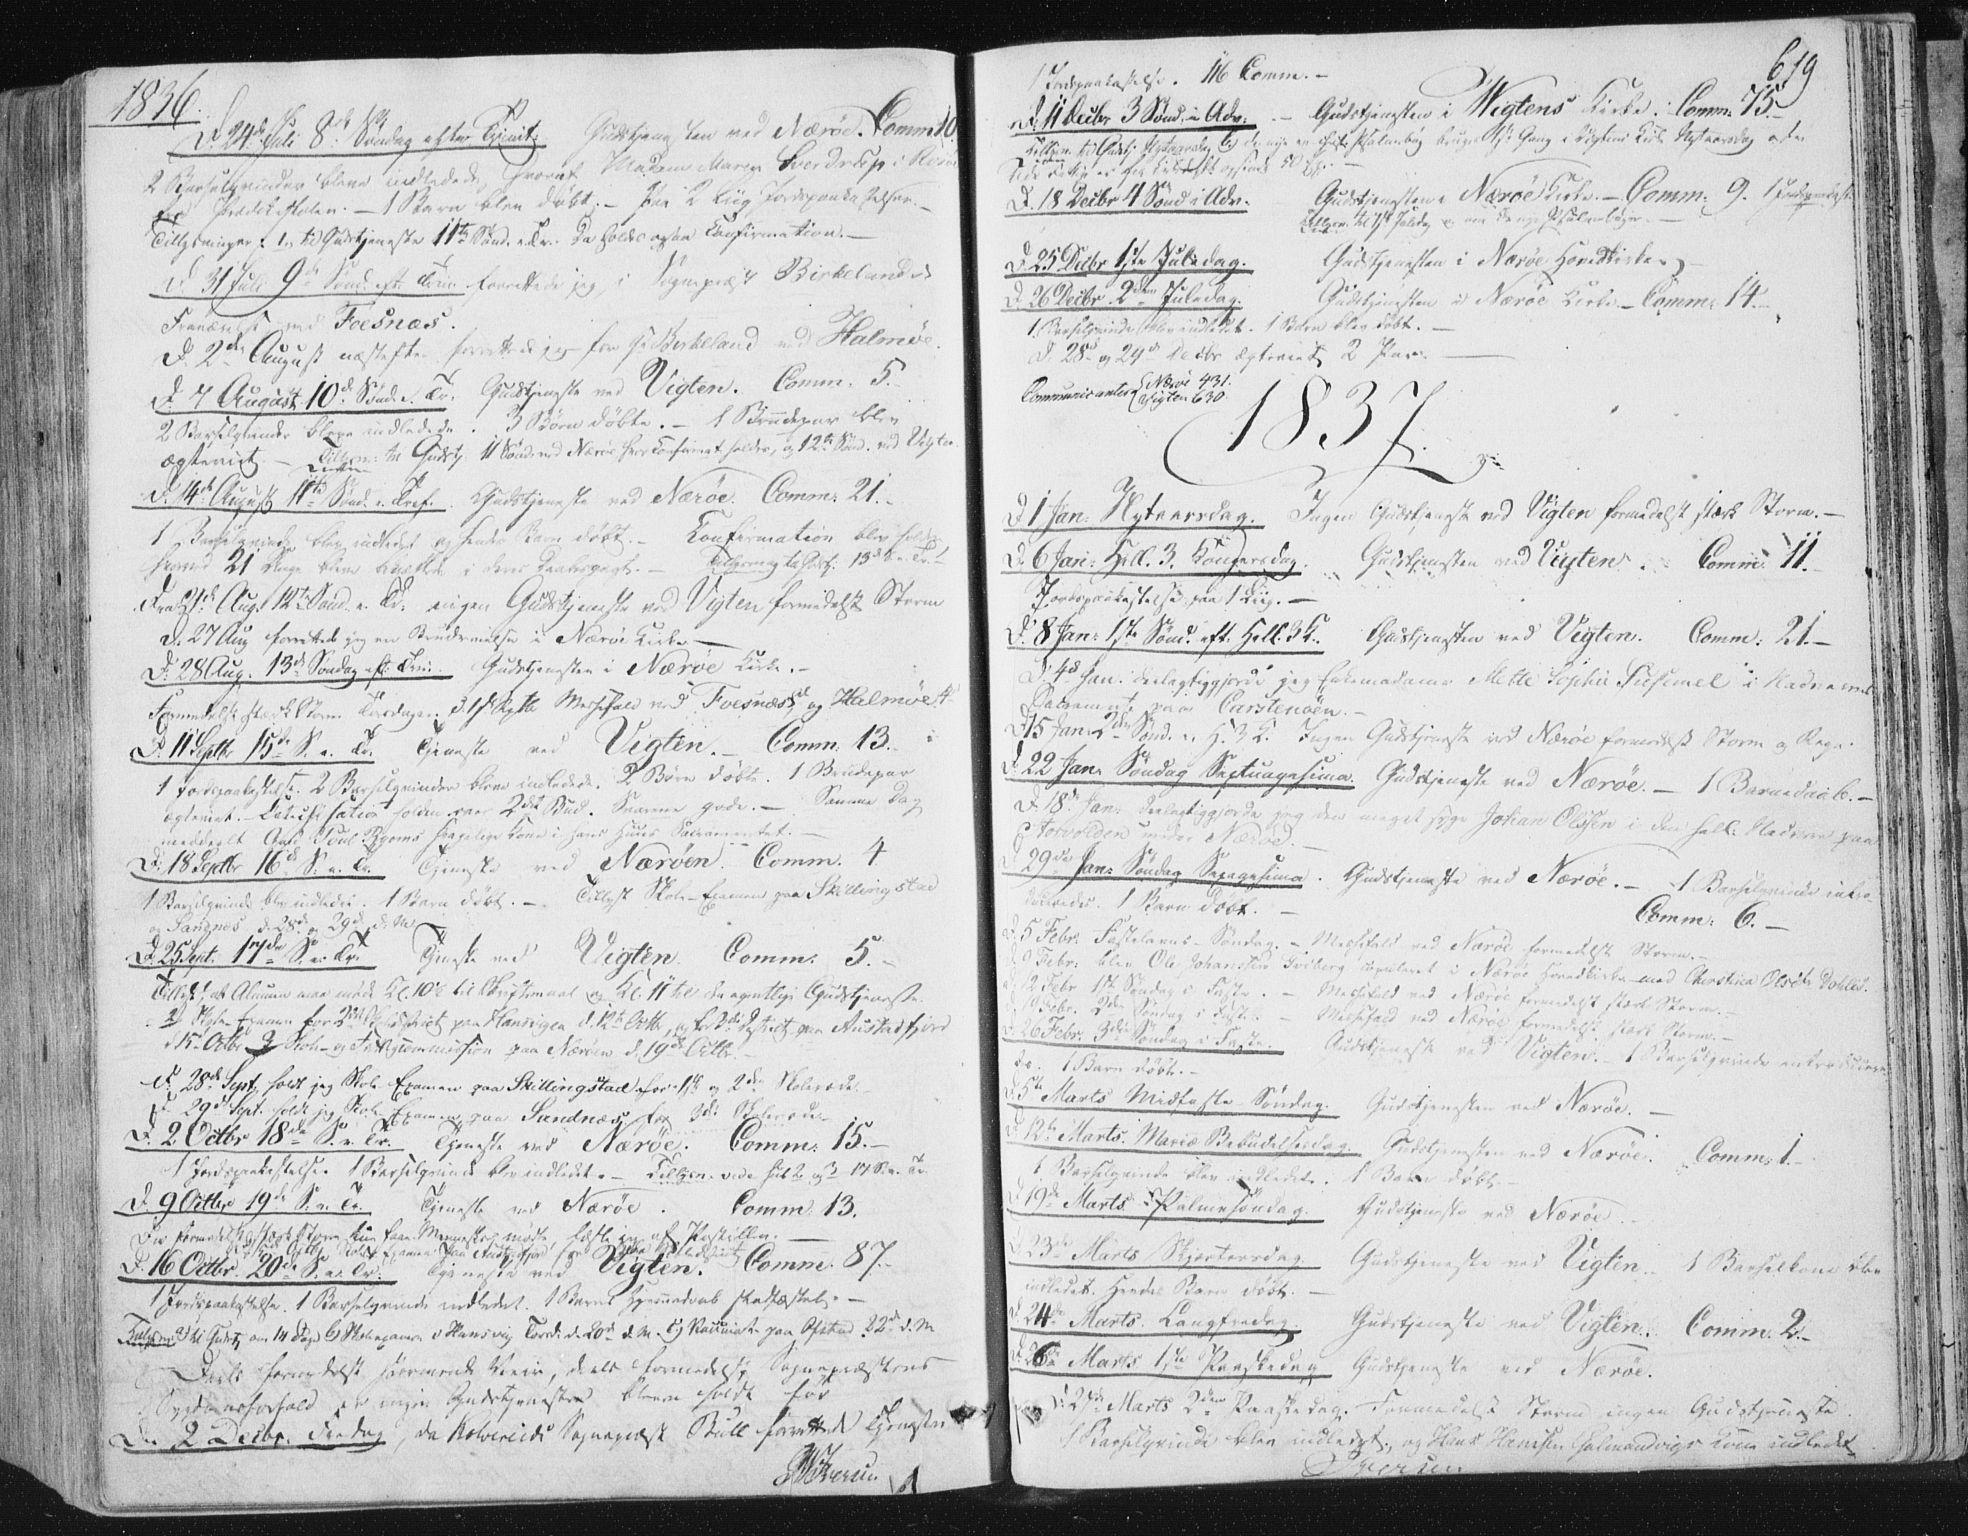 SAT, Ministerialprotokoller, klokkerbøker og fødselsregistre - Nord-Trøndelag, 784/L0669: Ministerialbok nr. 784A04, 1829-1859, s. 619